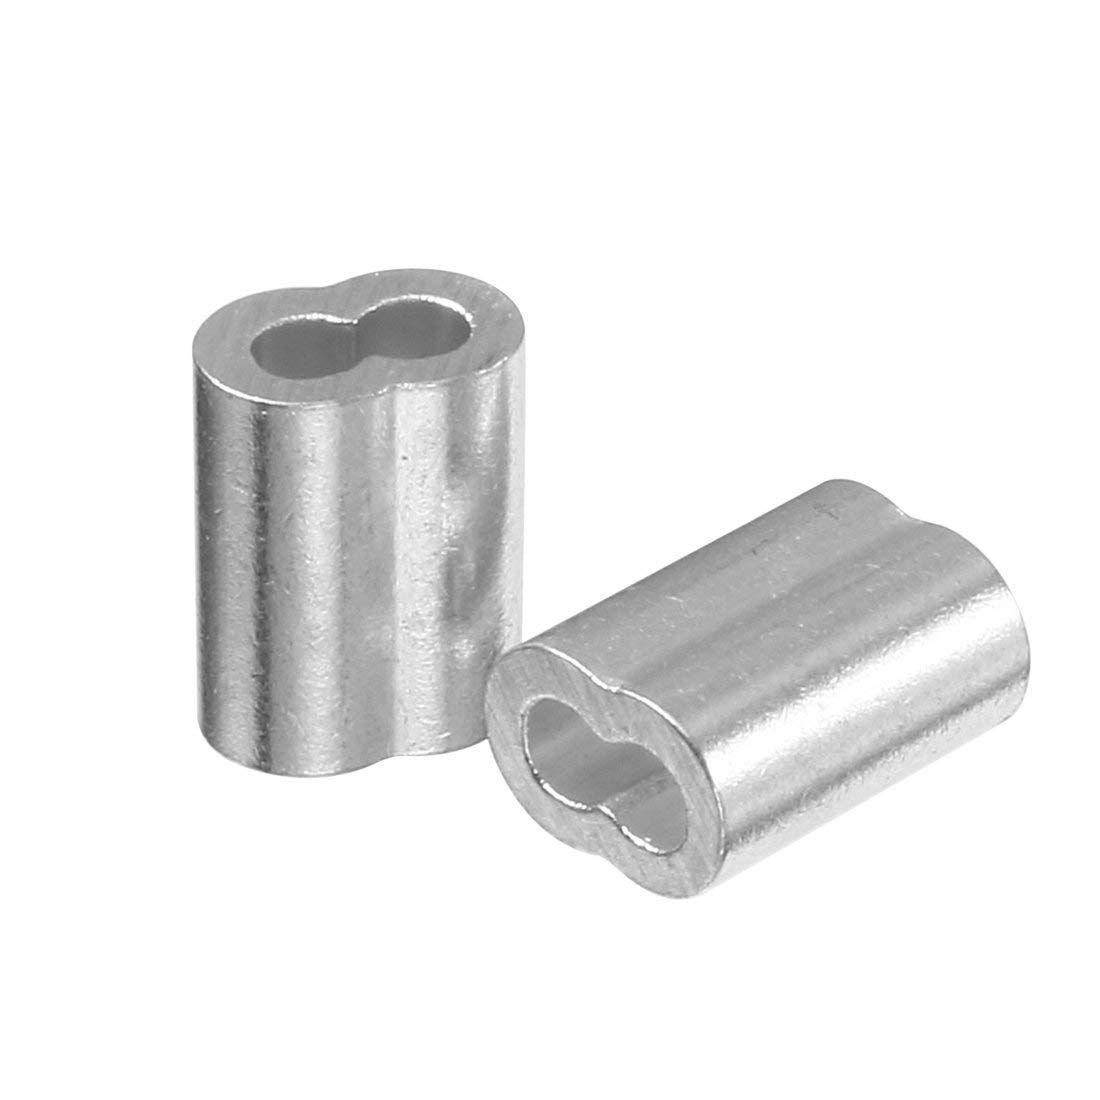 Durchmesser Drahtseil Aluminiumhuelsen Clip Armaturen Kabel Kraeuselungen 100 Stueck 2 mm SNOWINSPRING 5//64 Zoll